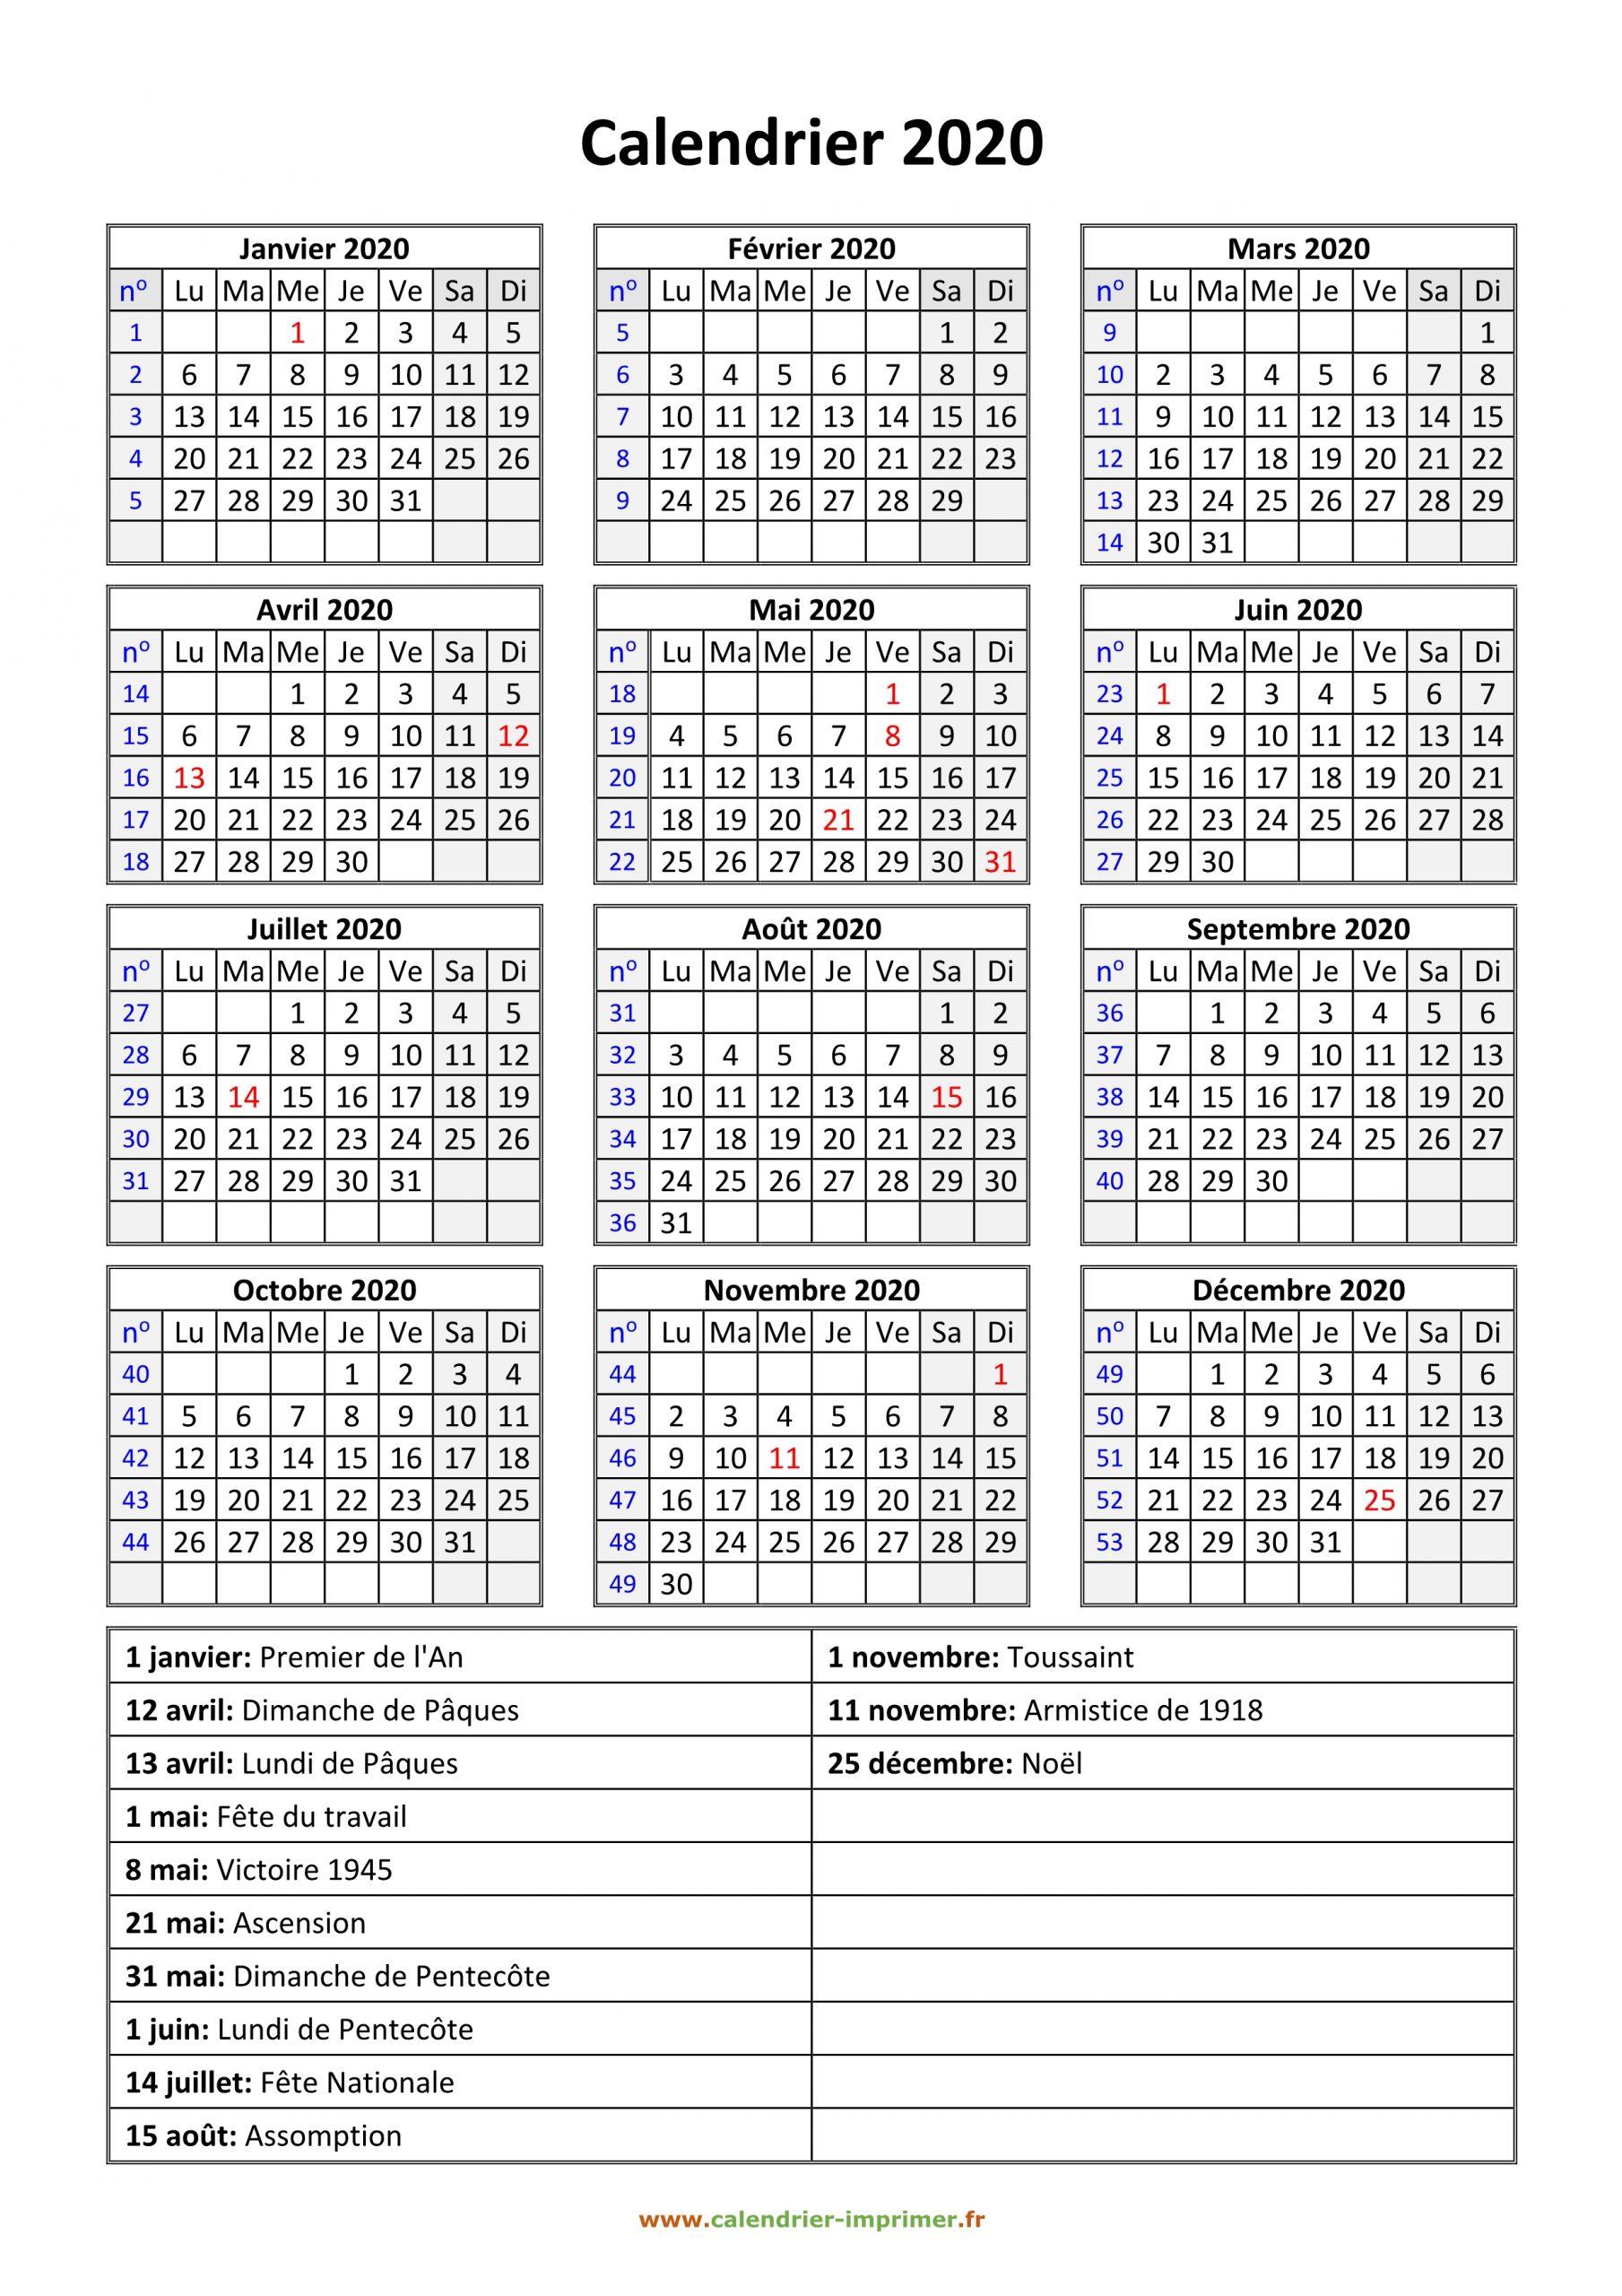 Calendrier 2020 À Imprimer Gratuit concernant Calendrier Annuel 2018 À Imprimer Gratuit